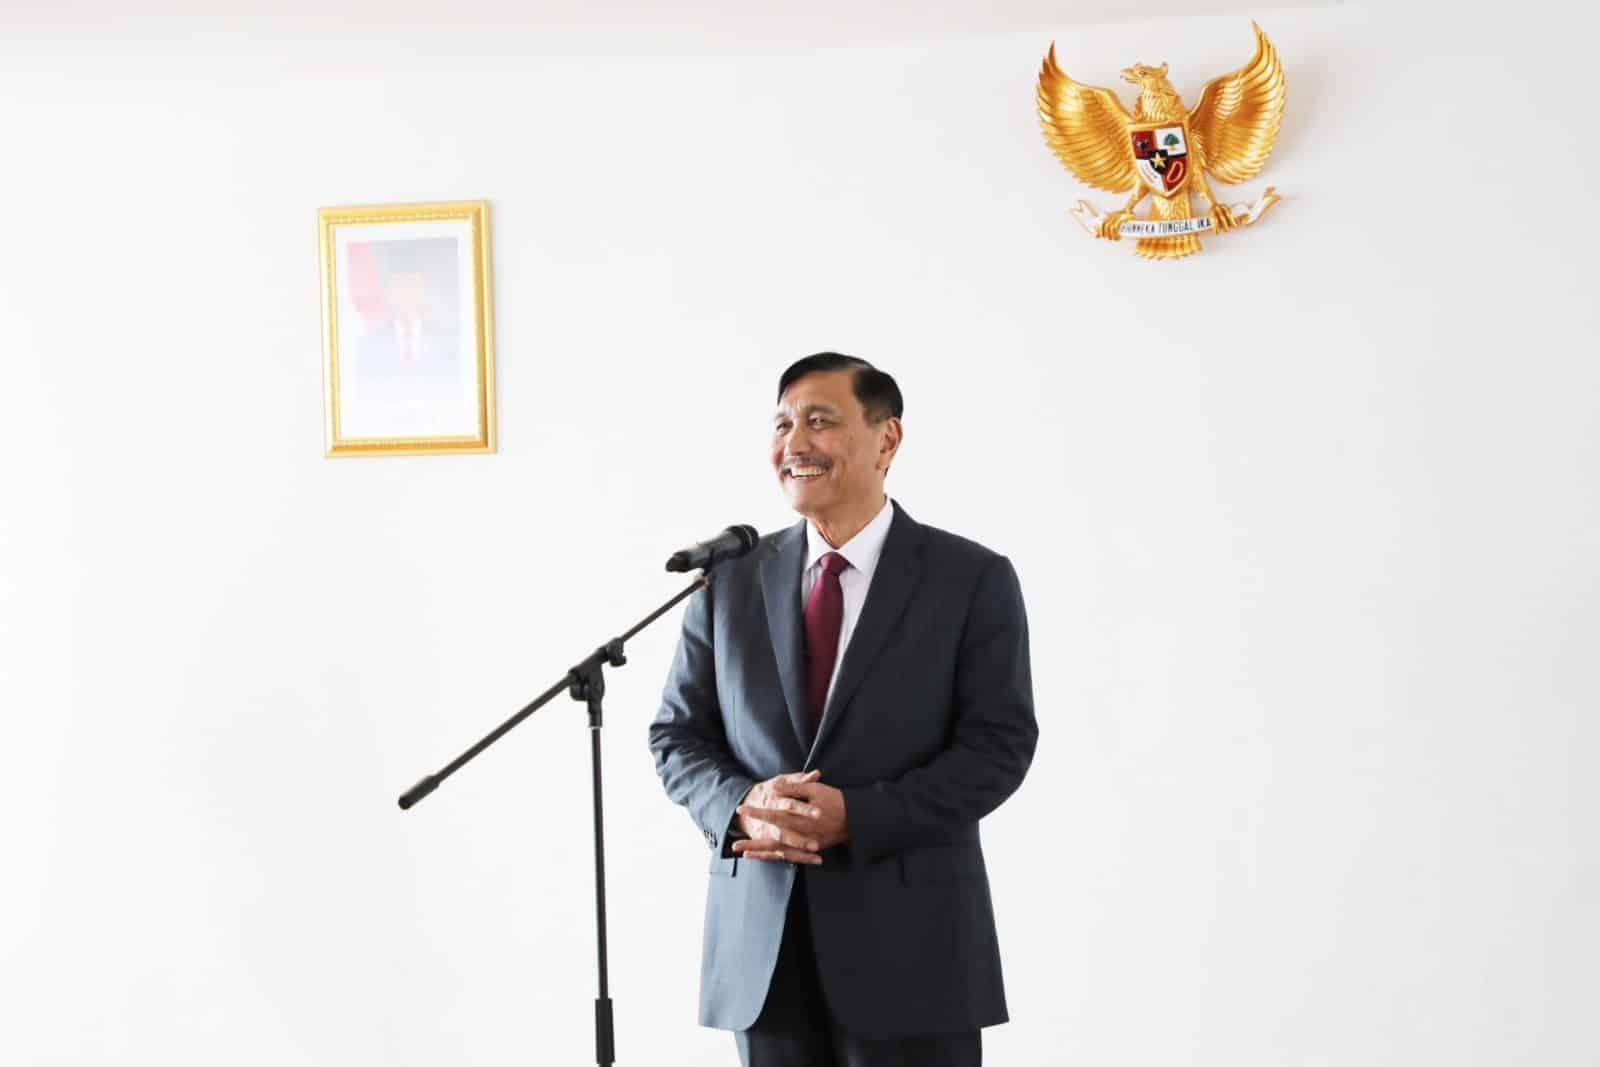 Menko Luhut: Indonesia Akan Melawan, Jangan Dikte Kami